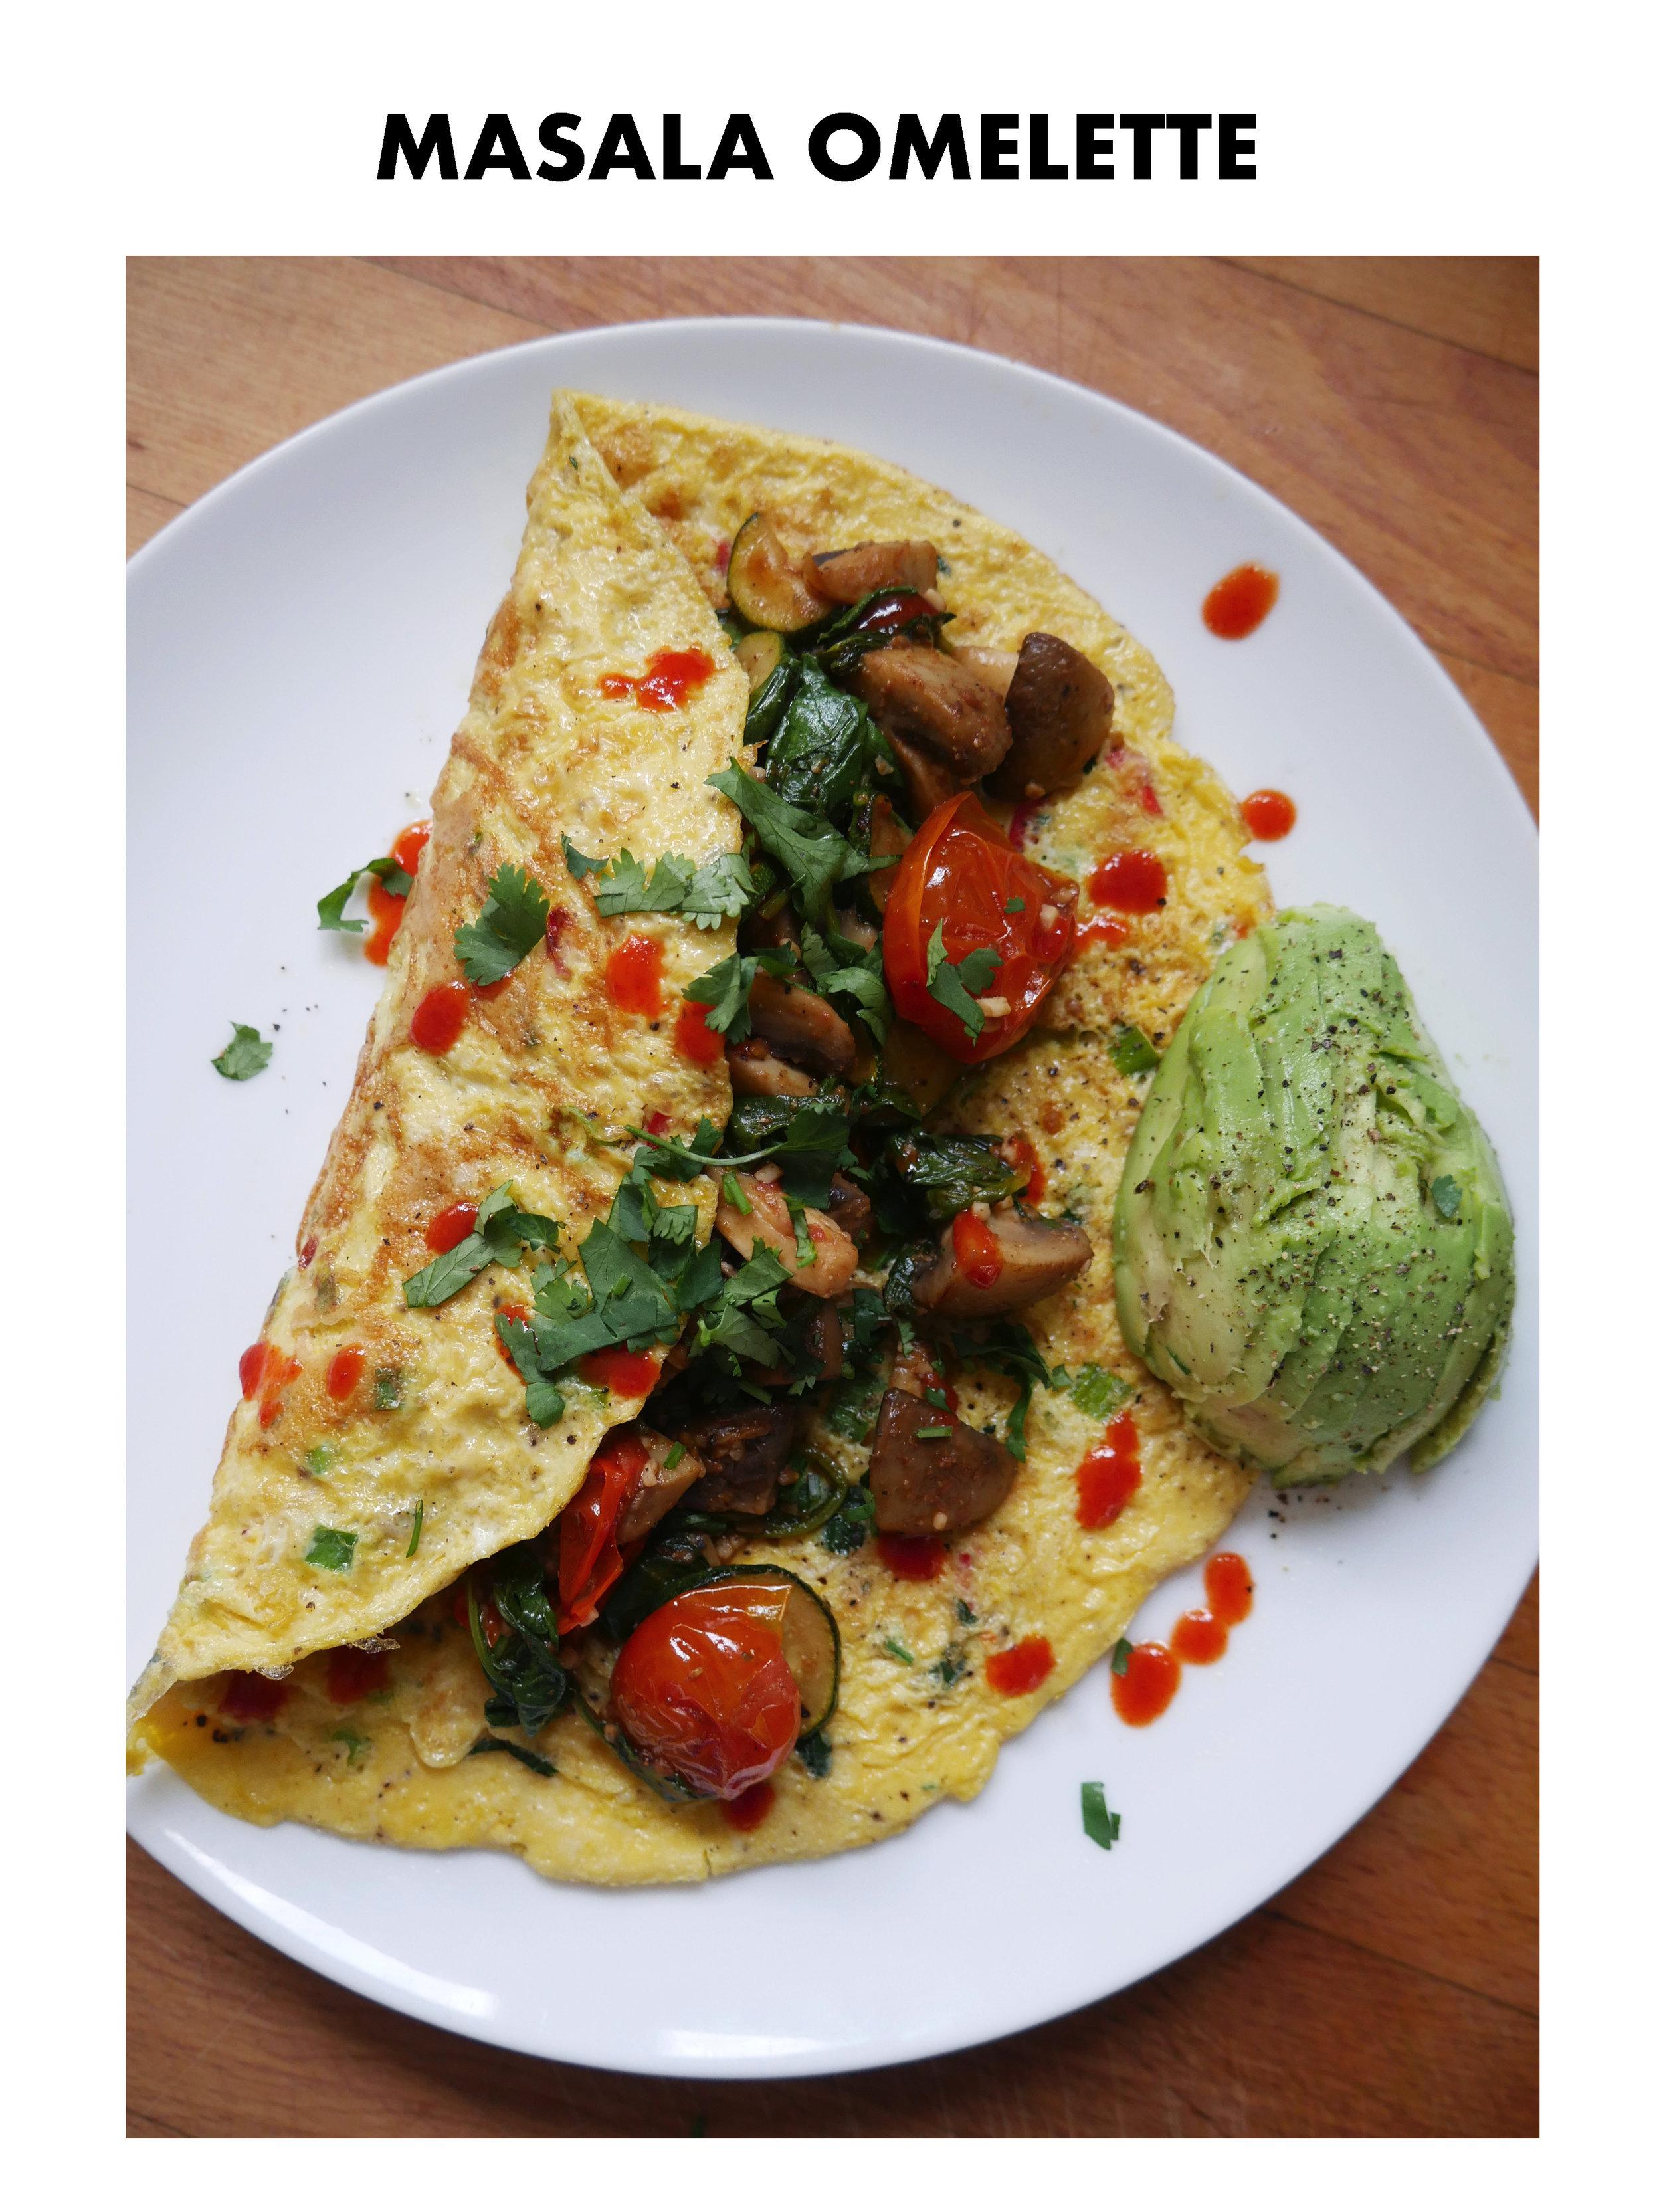 masala omelette pic 2.jpg